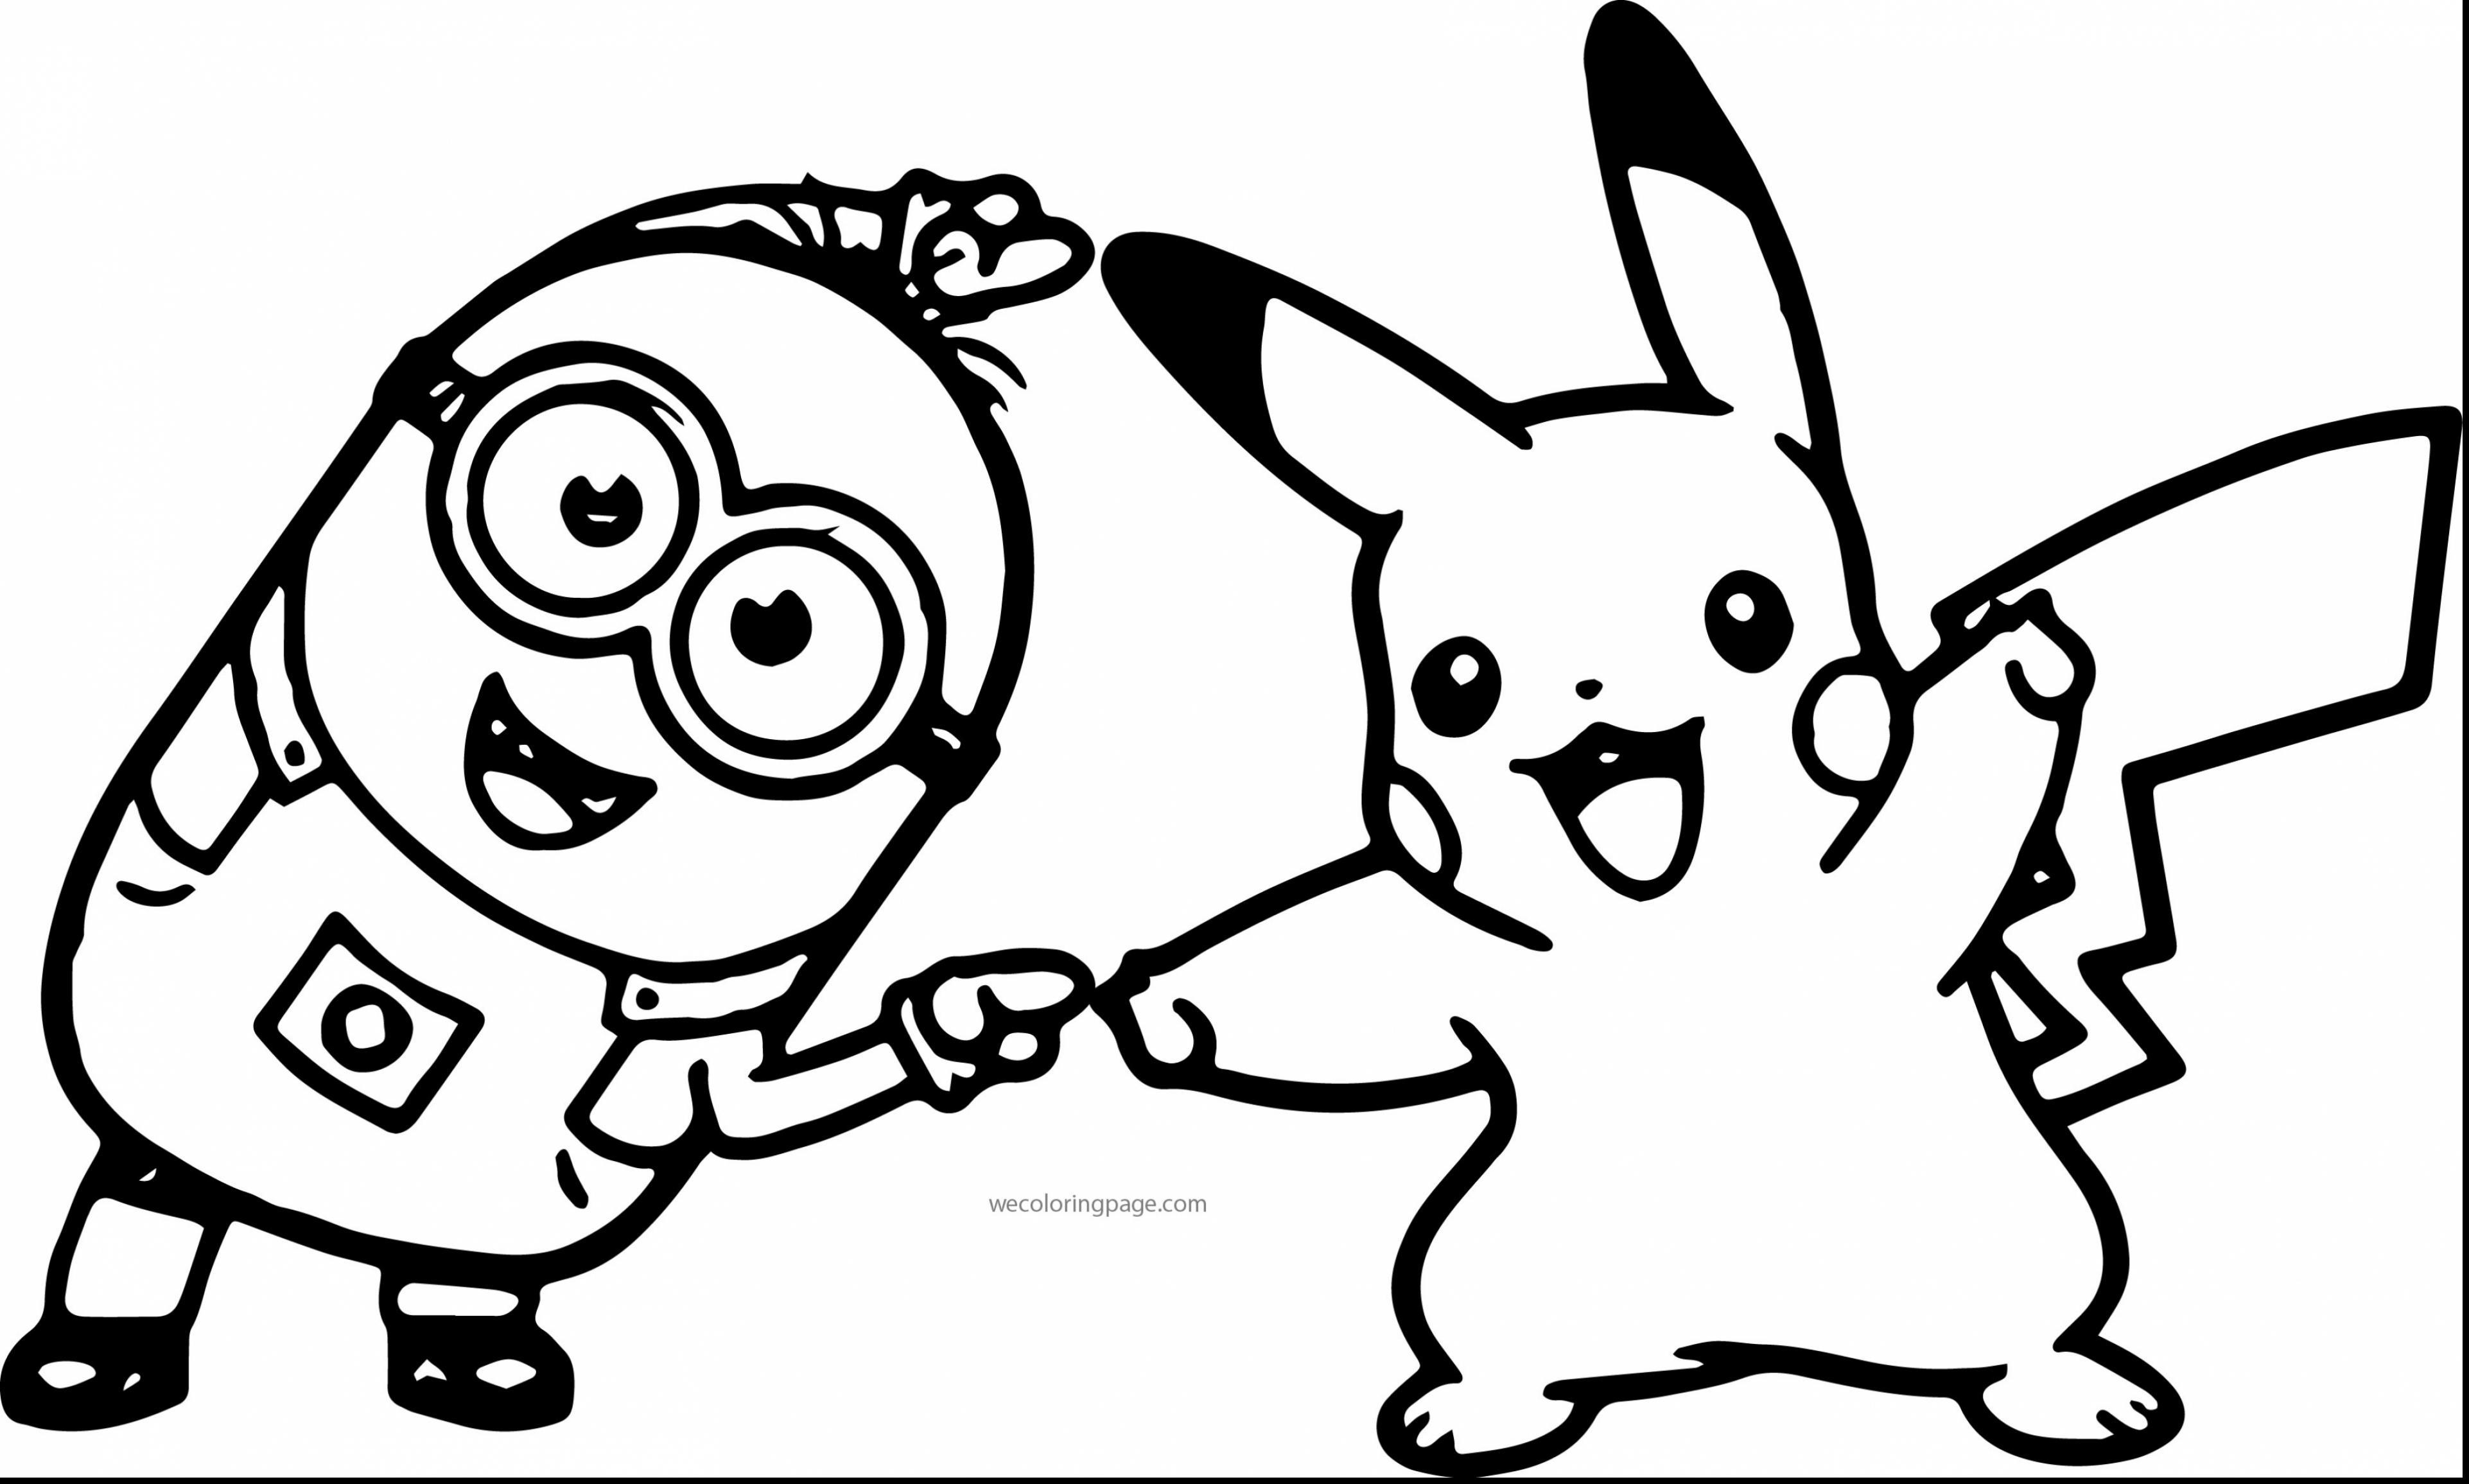 3845x2311 Pikachu Coloring Pages Picachu Astonishing Minion Pokemon Pikachu